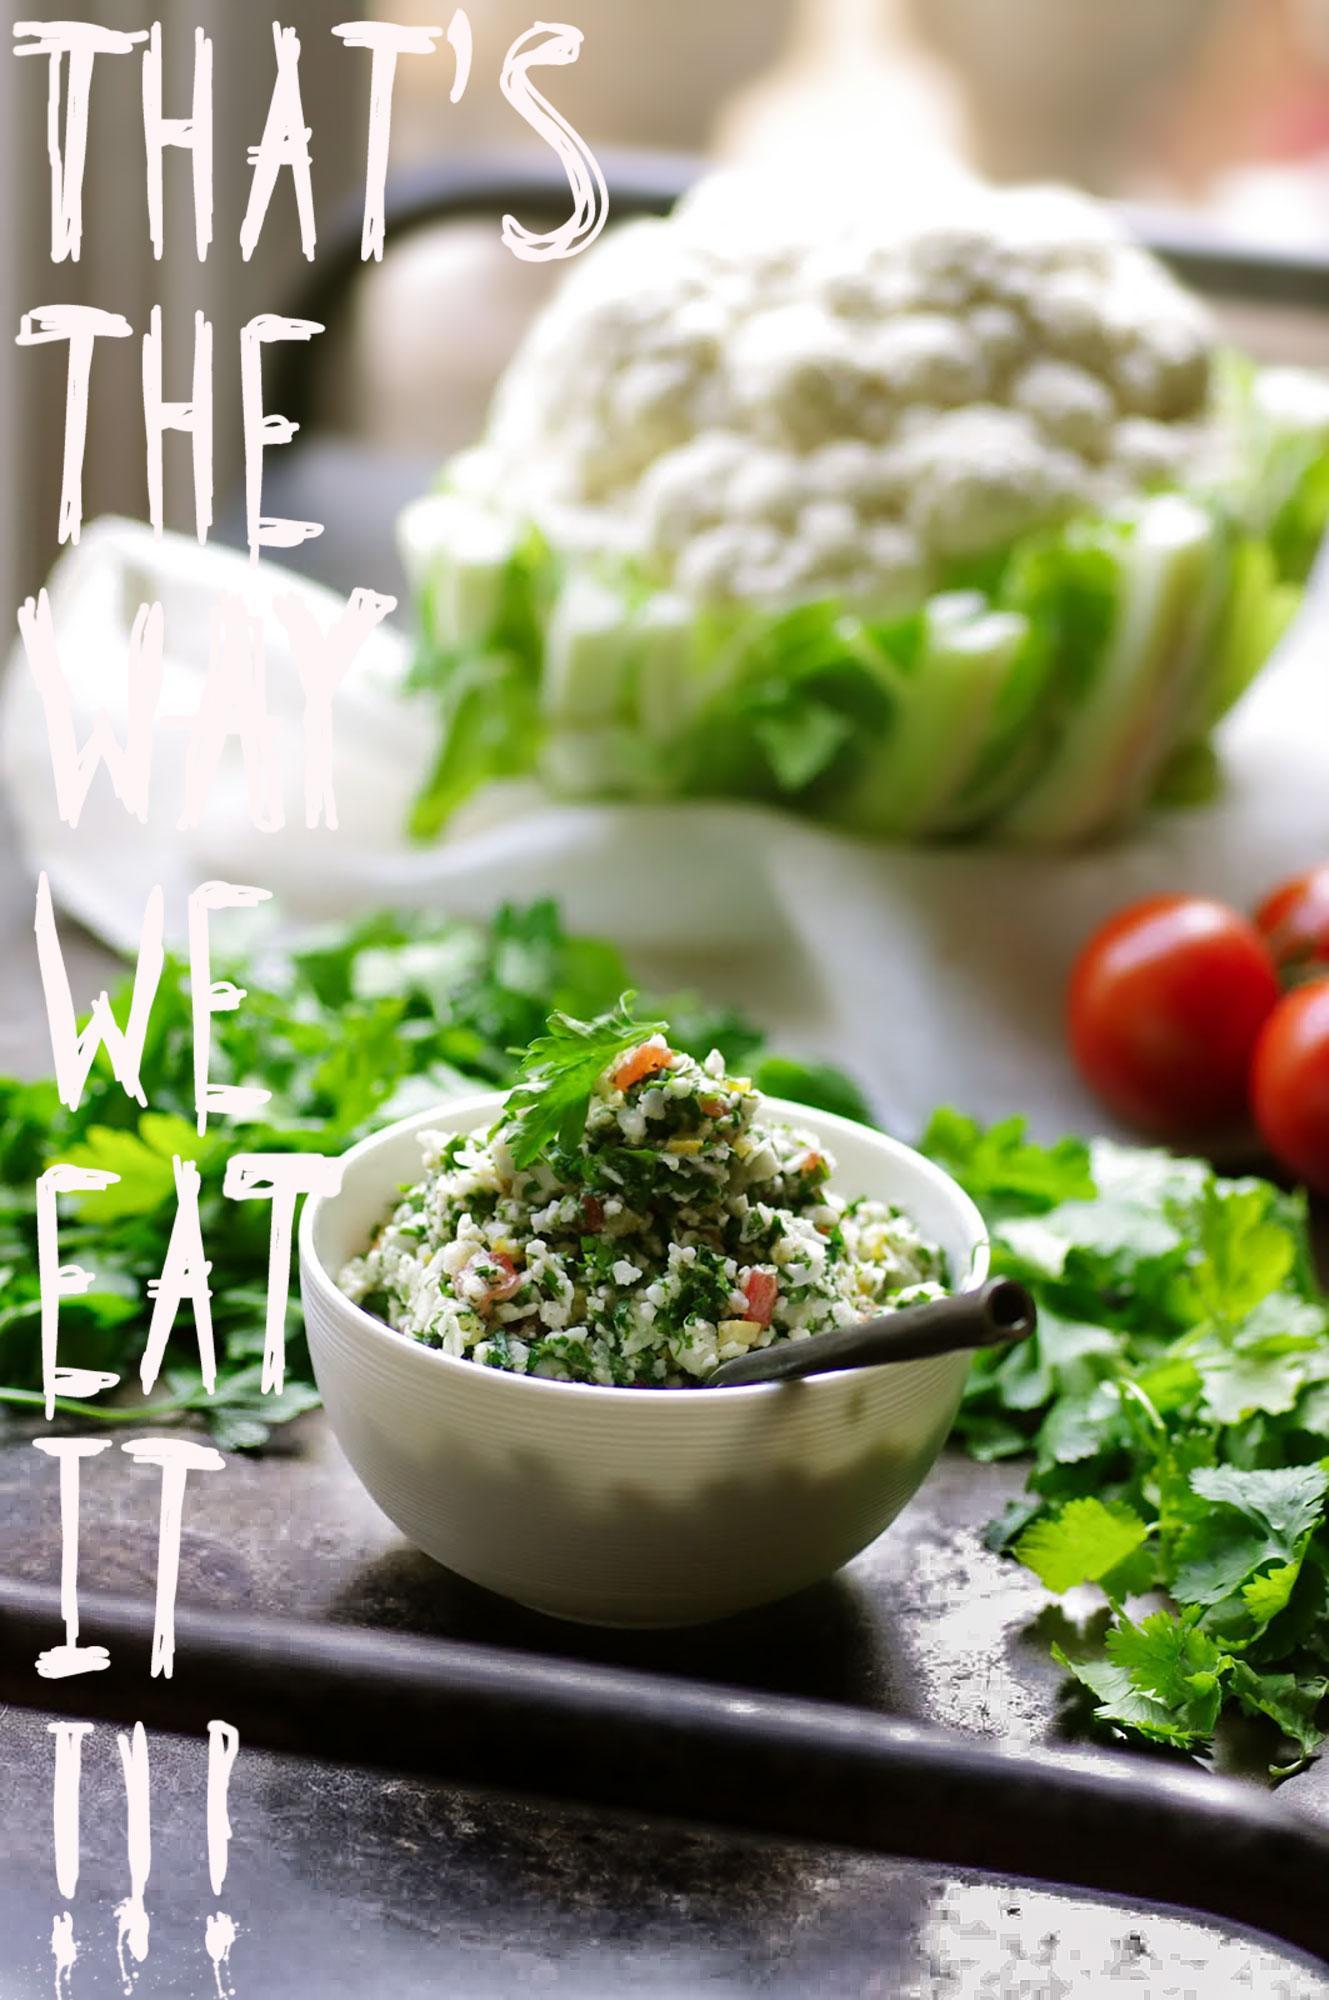 coliflower chauffeur, taboule, labanese, libanais healthy ,veggie, green